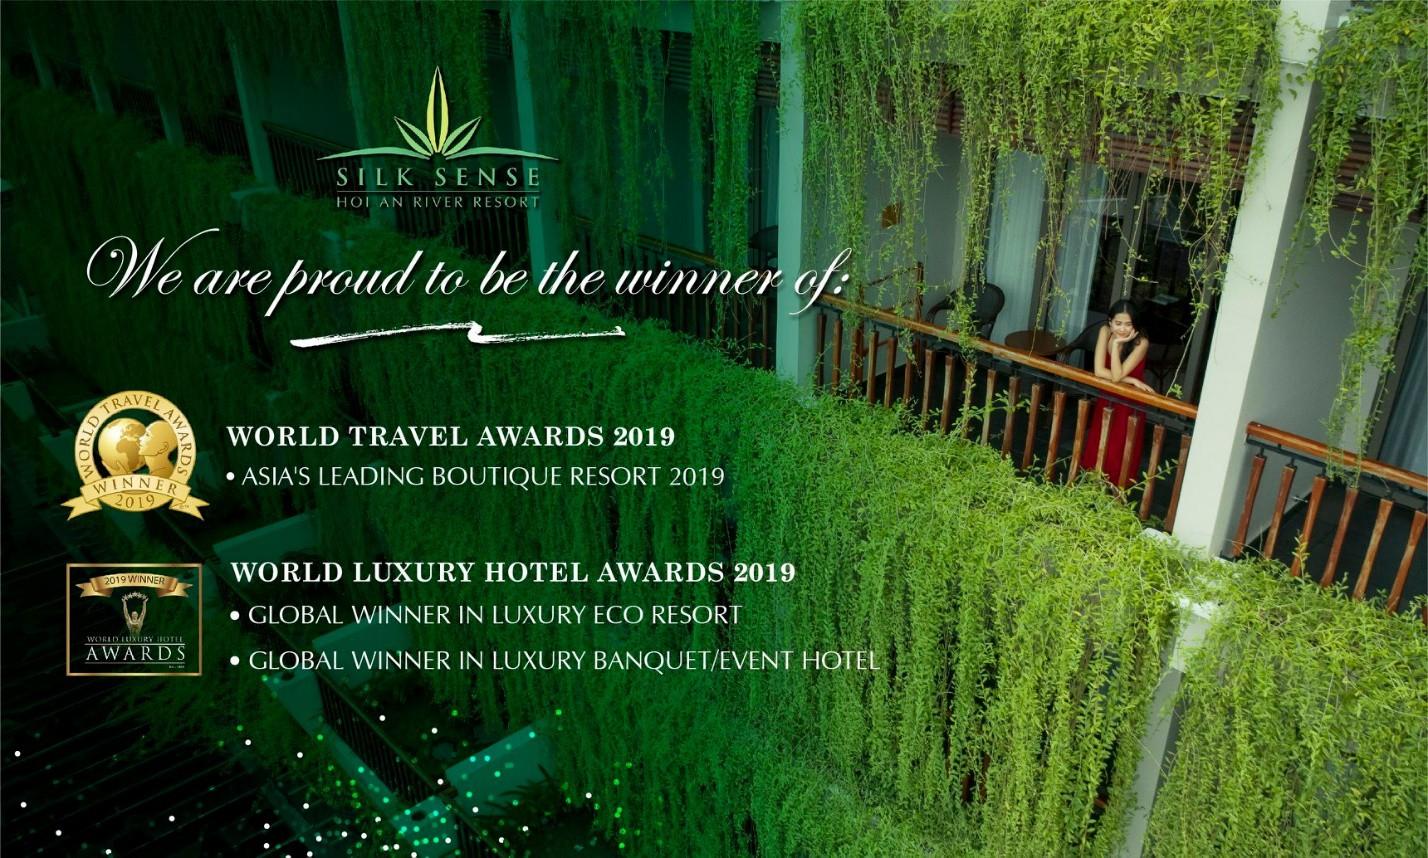 Silk Sense Hội An Resort liên tiếp nhận 3 giải thưởng du lịch danh giá hàng đầu thế giới - Ảnh 2.